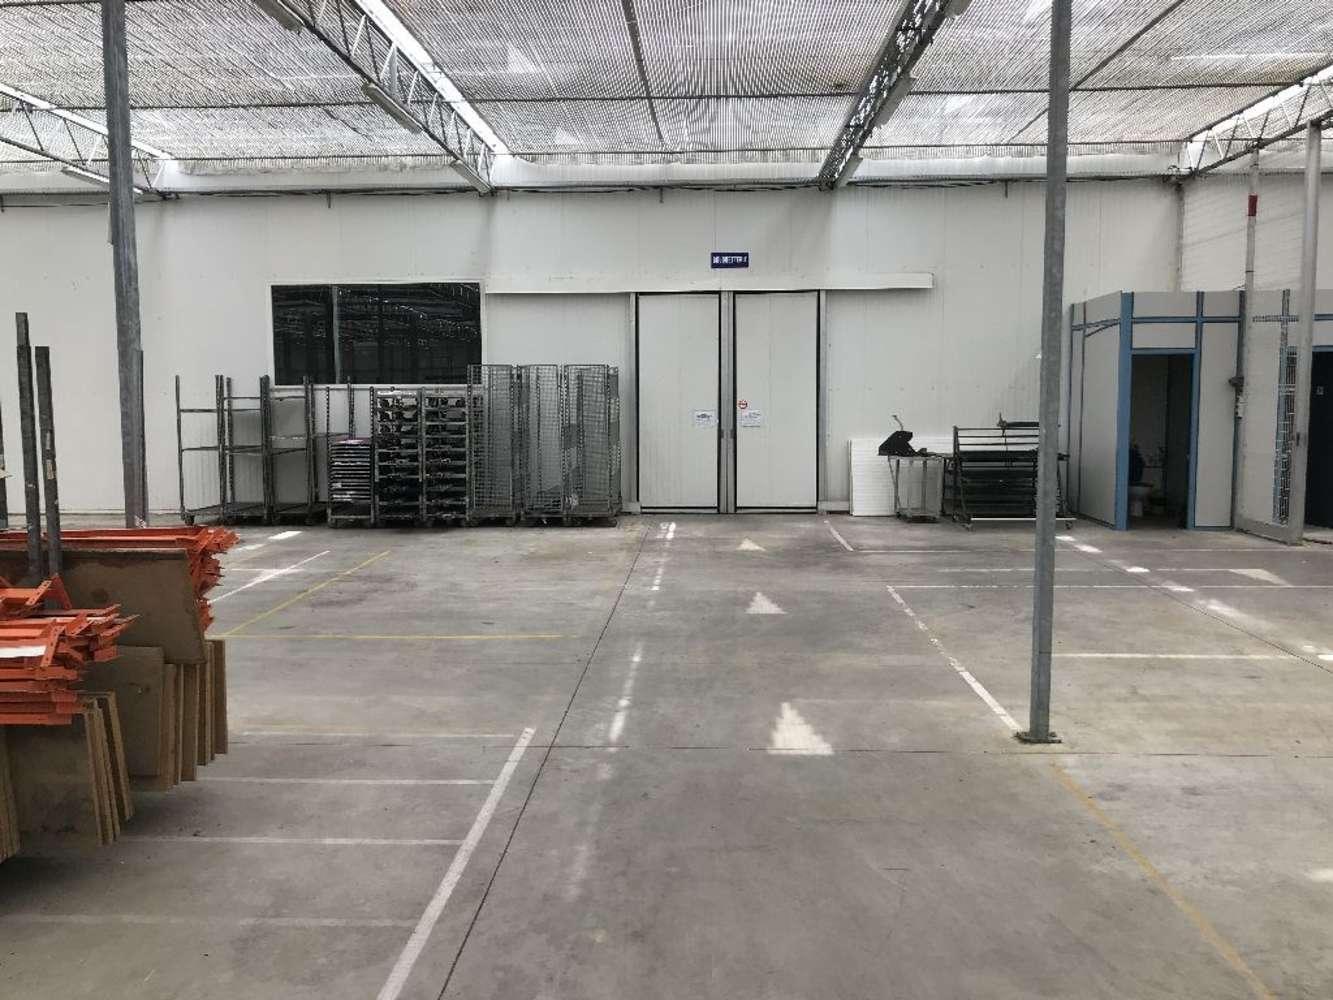 Activités/entrepôt Montagnat, 01250 - Entrepot à louer Lyon Nord-Est - Ain - 10035417